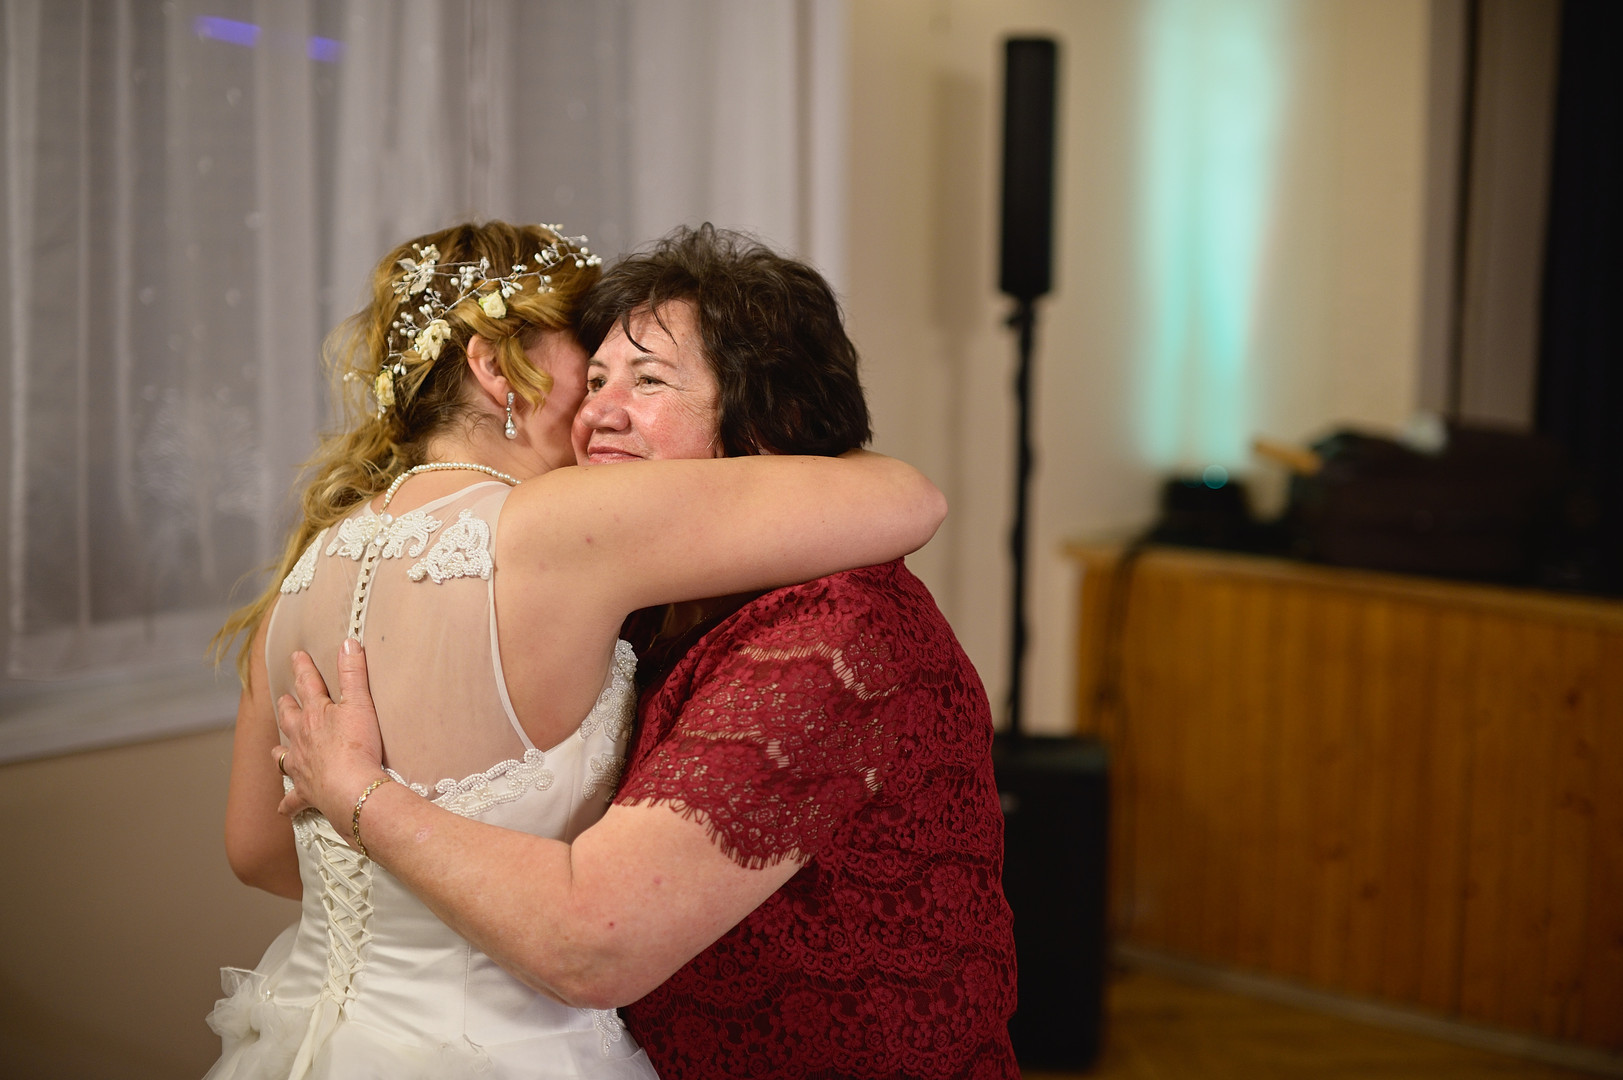 703  Esküvői fotózás - Enikő és Peti Bul